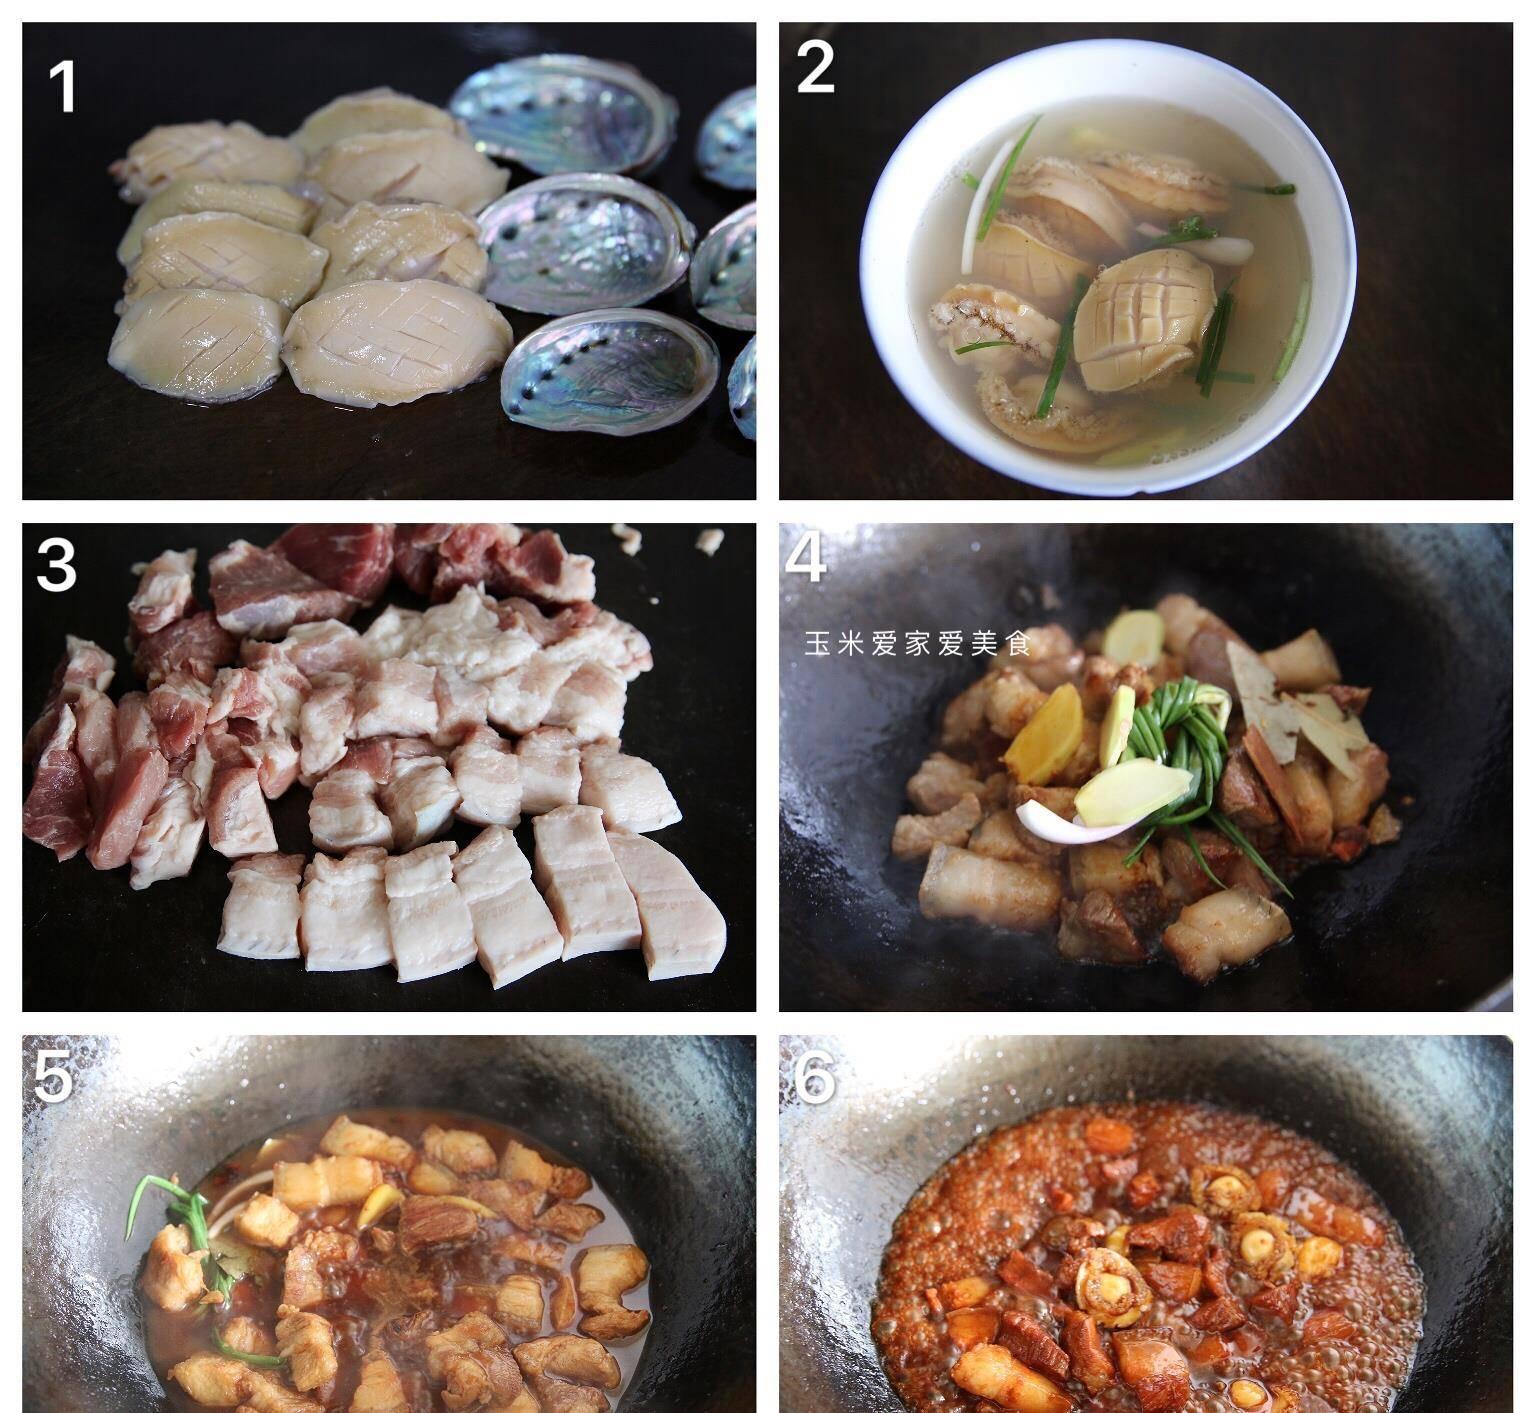 中秋家宴不知道吃什么菜,青山学12道菜任你选,做法简单味道好  中秋寓意团圆的菜名